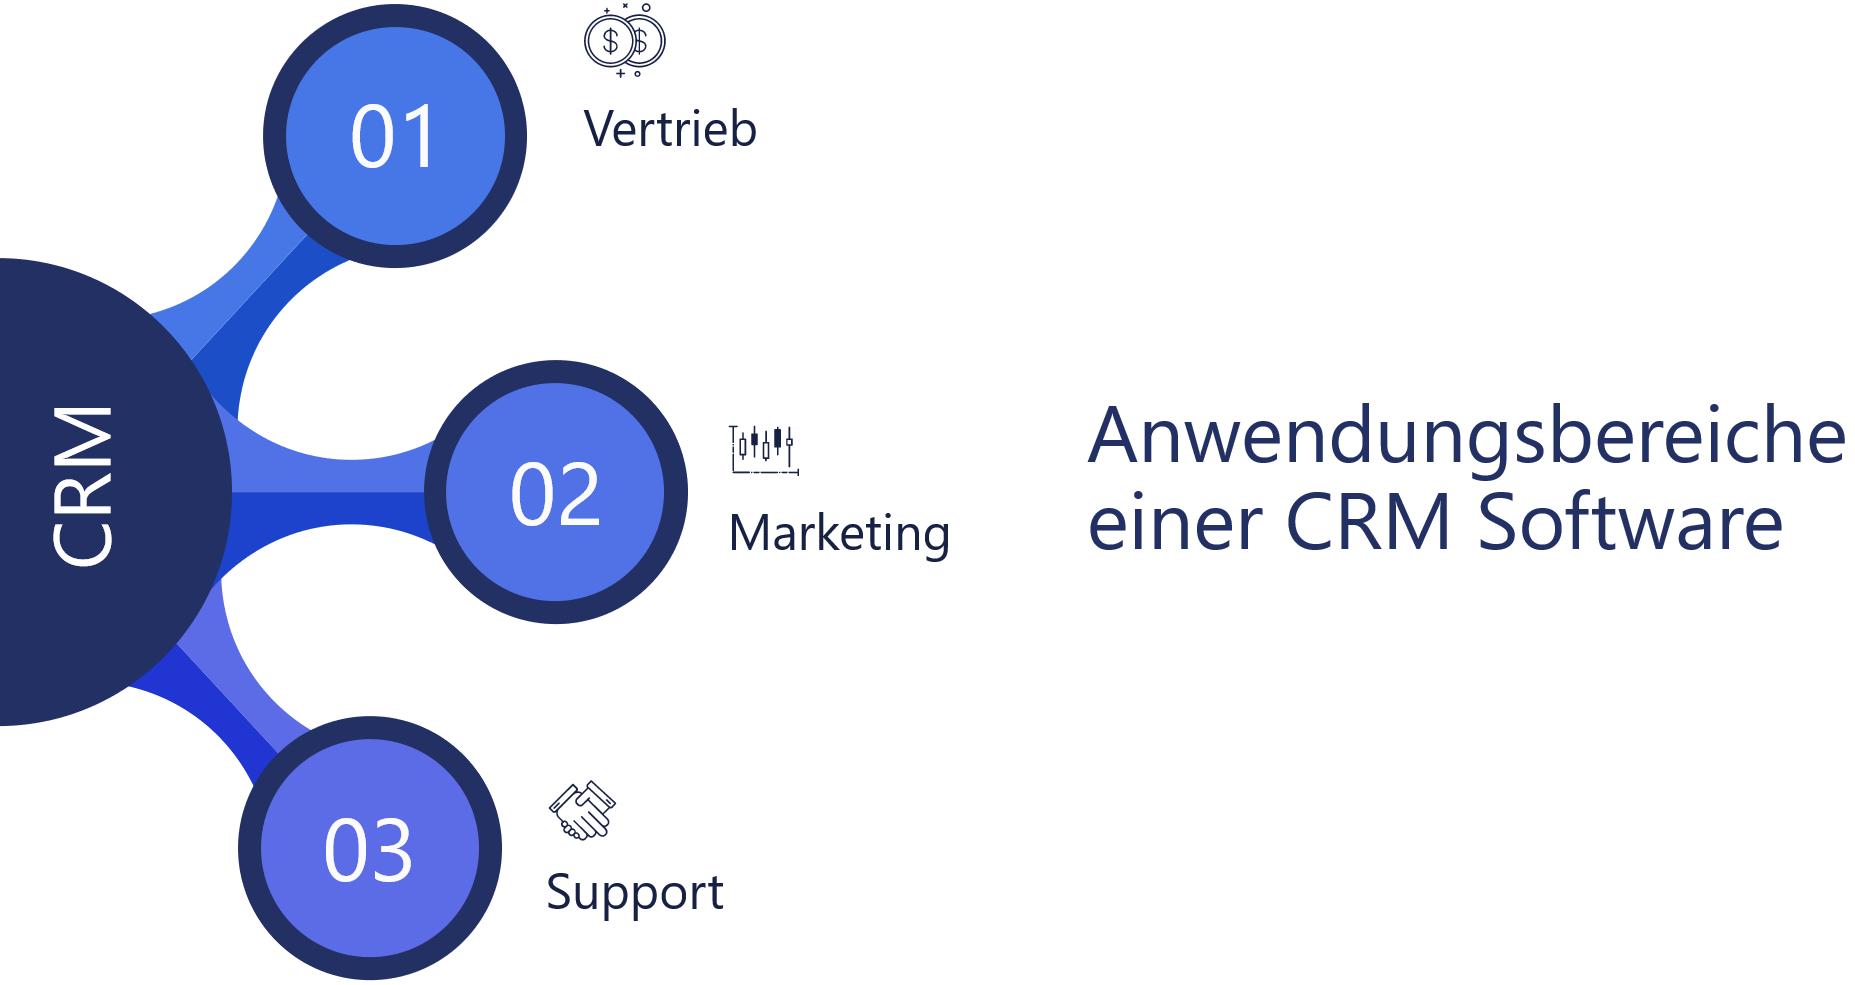 3 zentrale Anwendungsbereiche einer CRM Softwarelösung